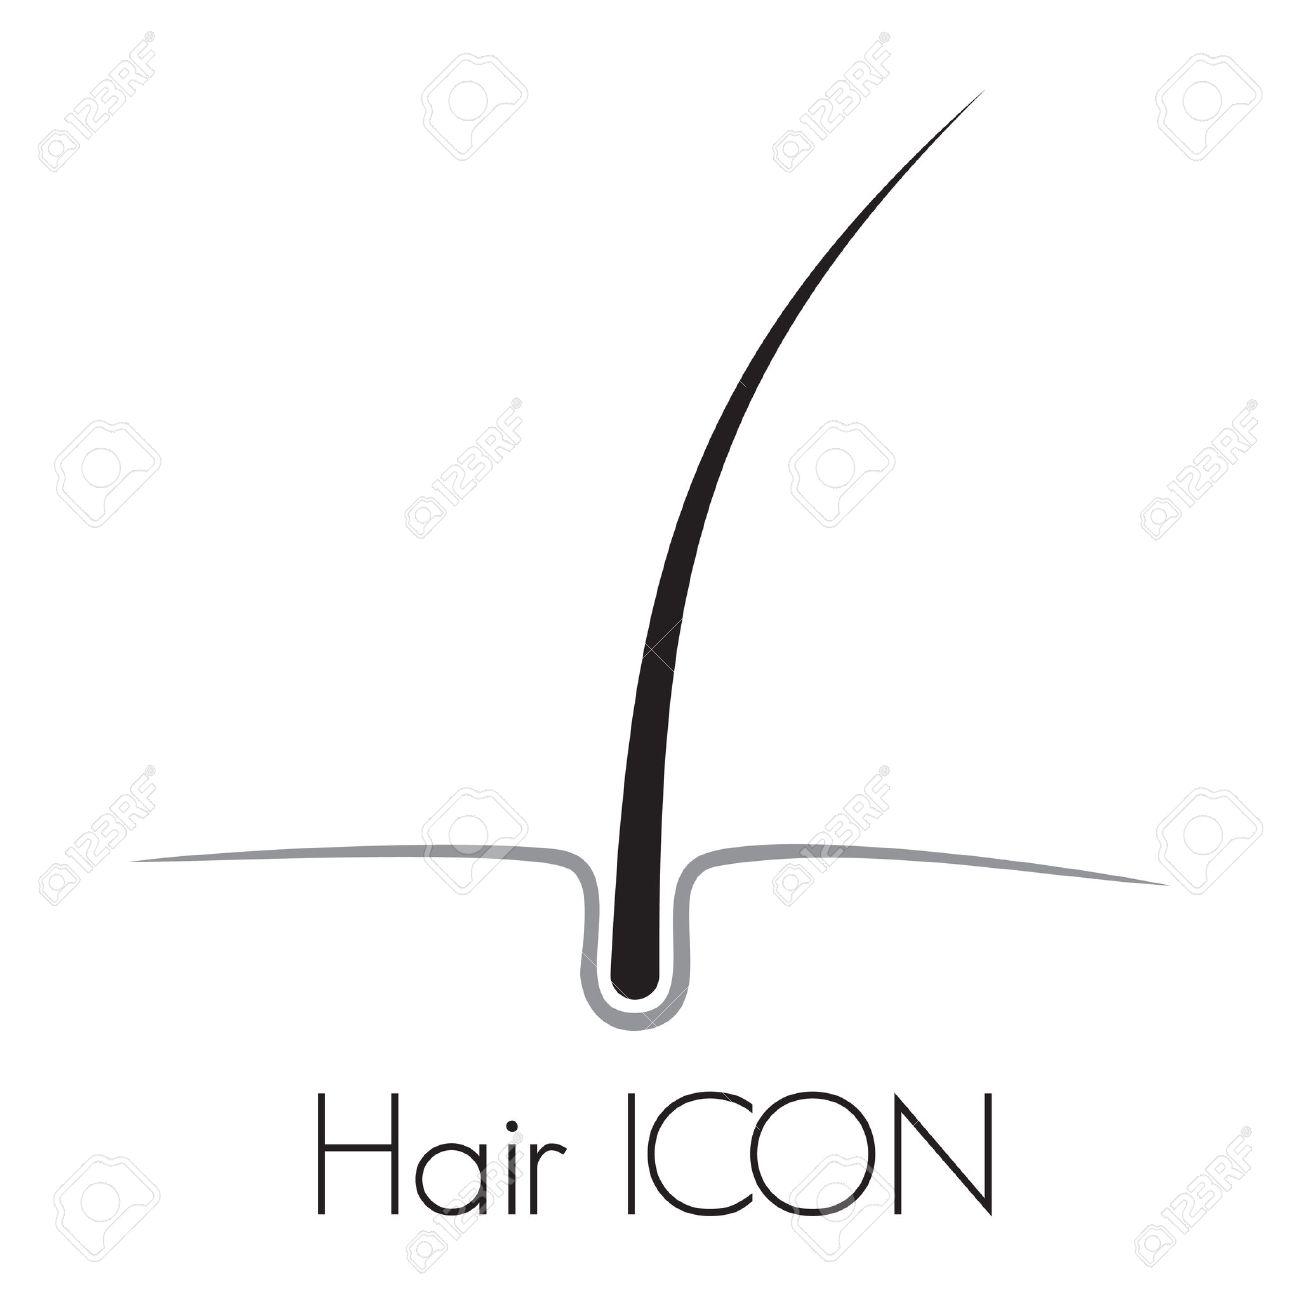 Hair growth vector icon - 41368684